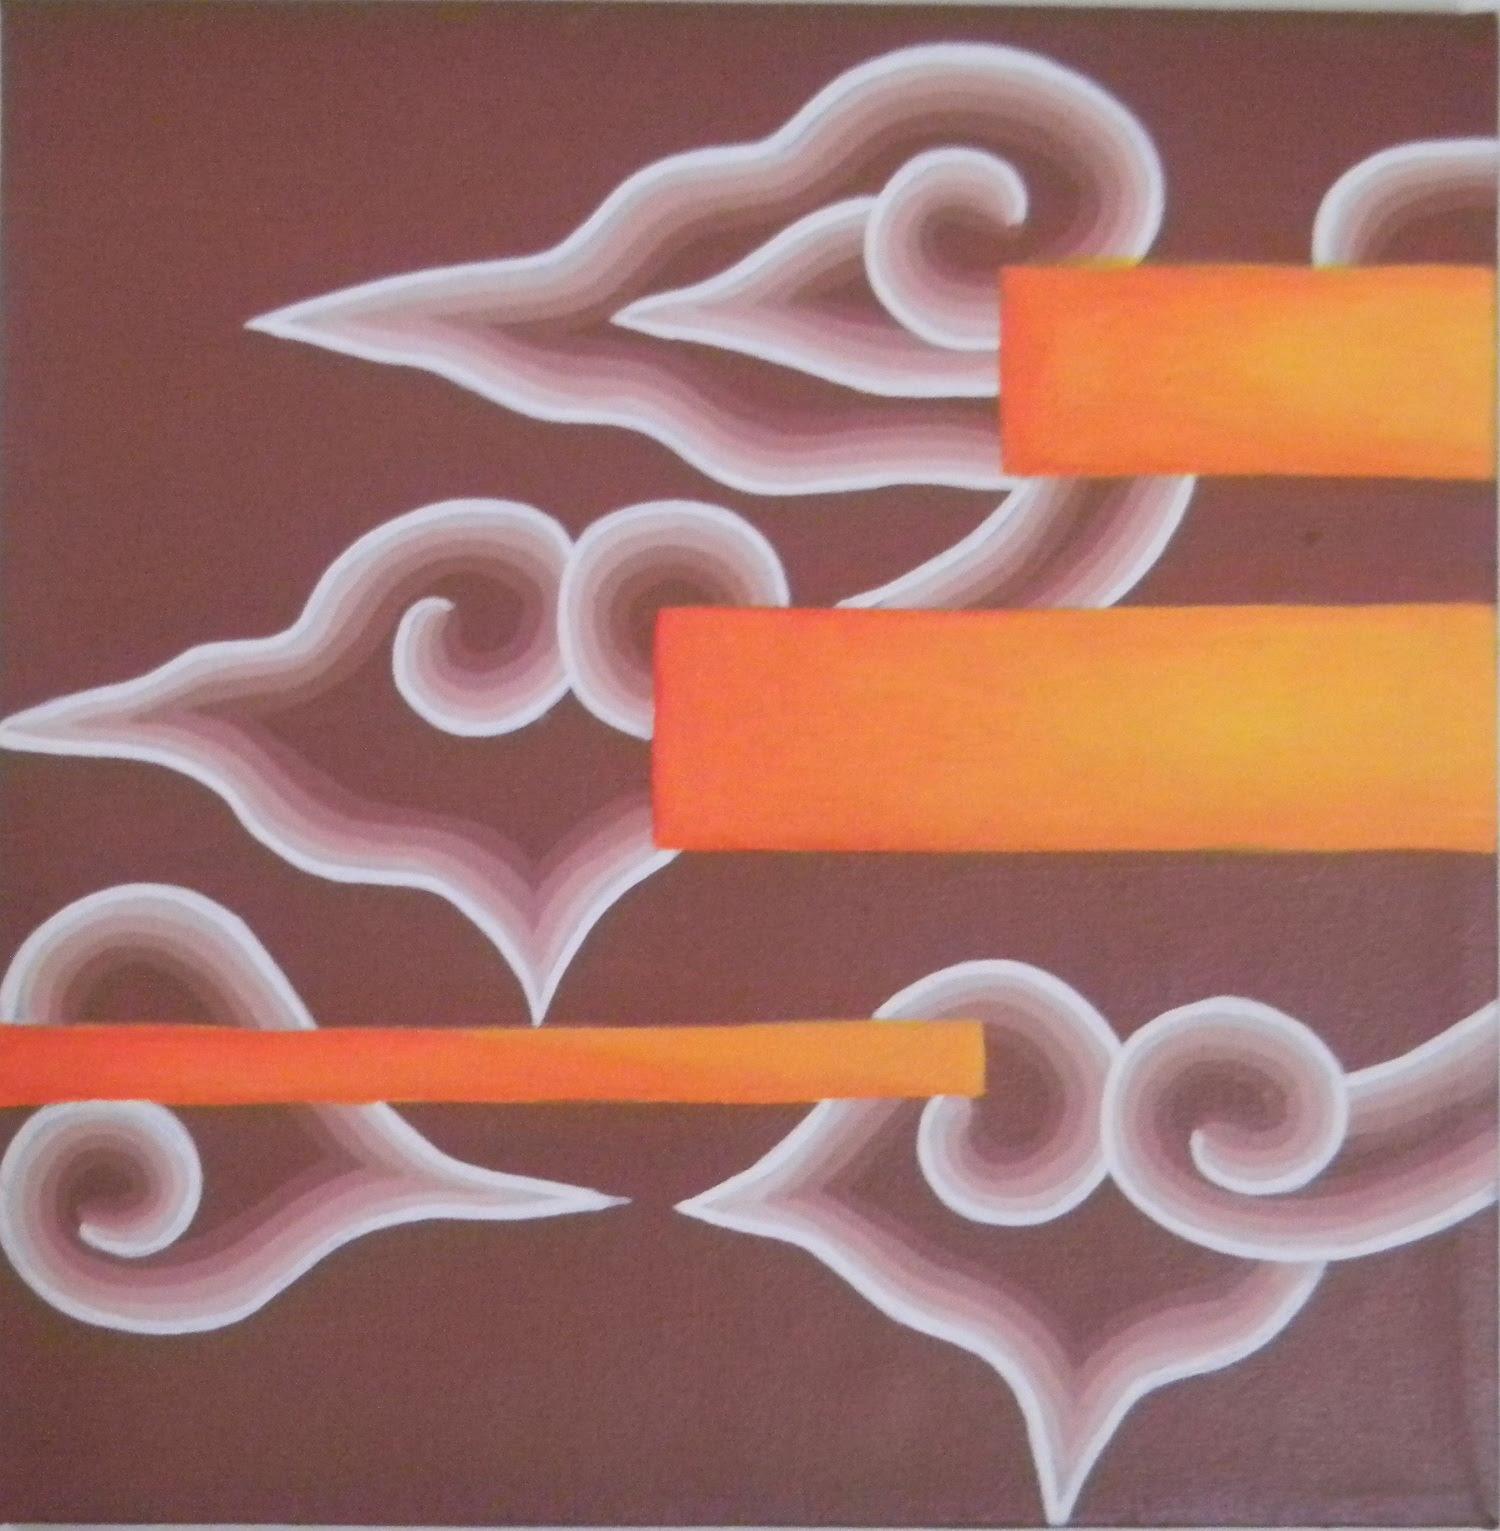 Daftar Gambar Mewarnai Batik Mega Mendung Png Gambarcoloring Website